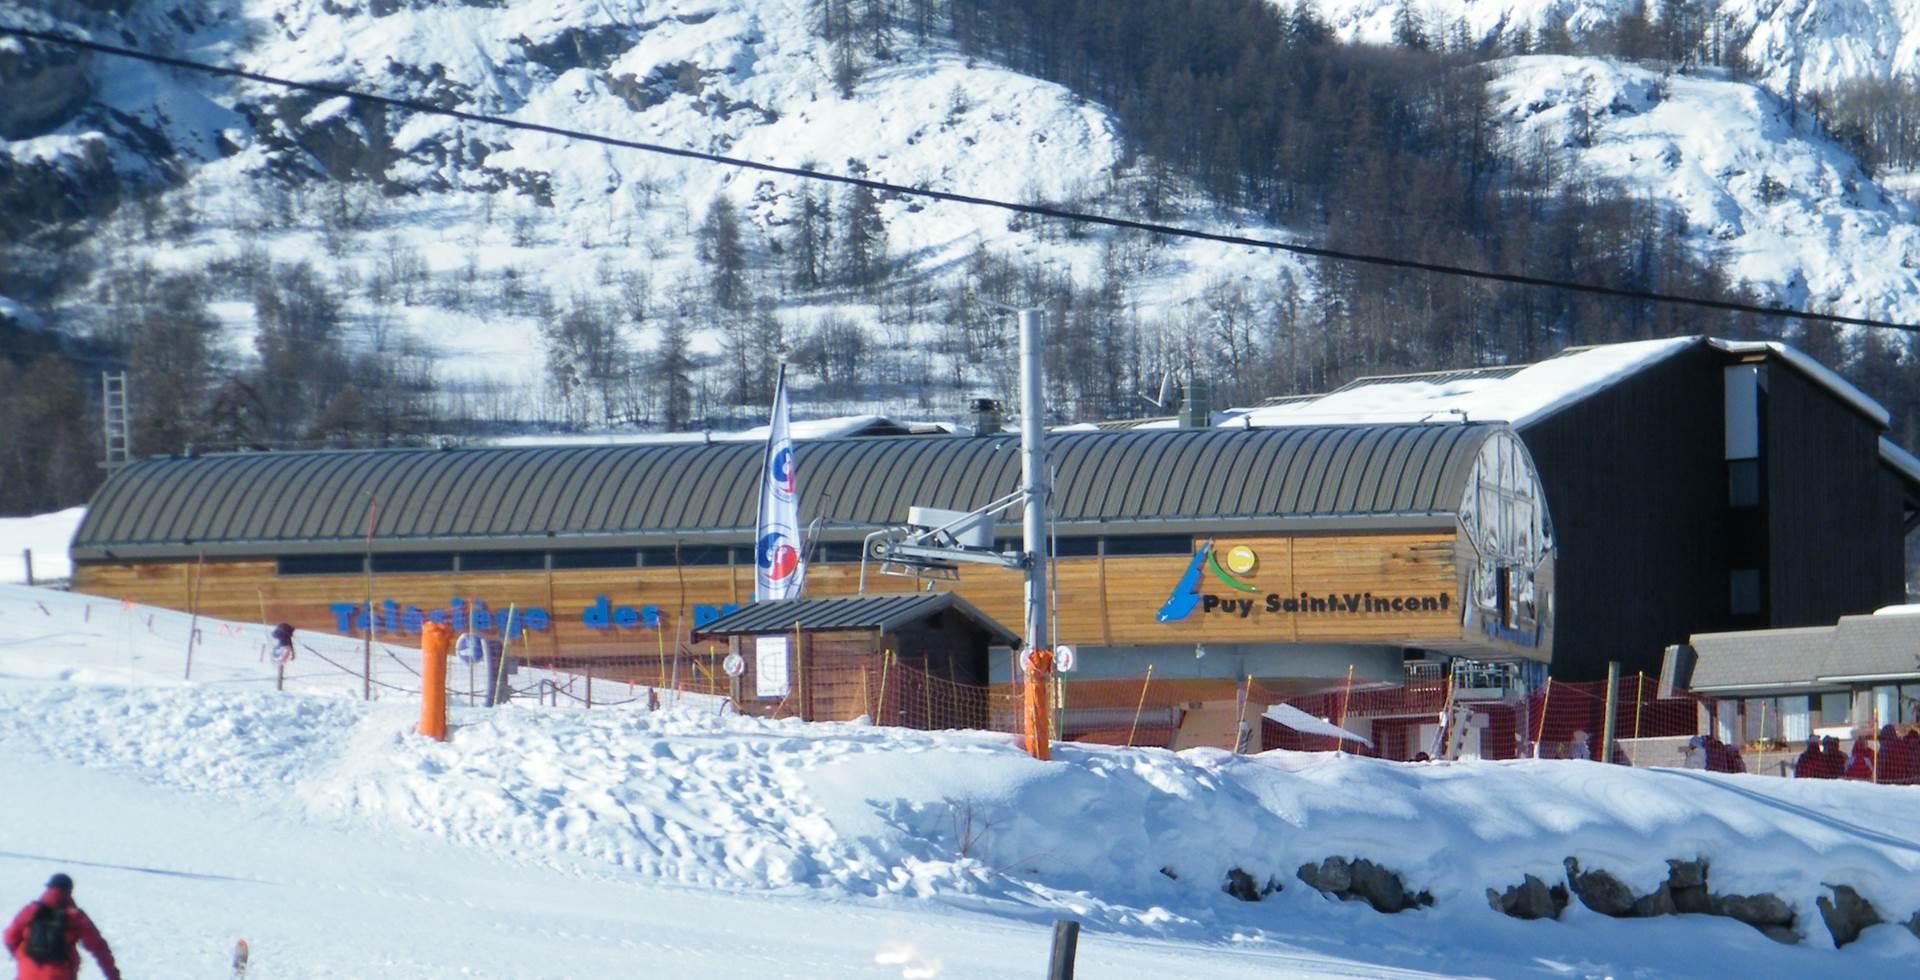 retour à l'hôtel skis au pieds